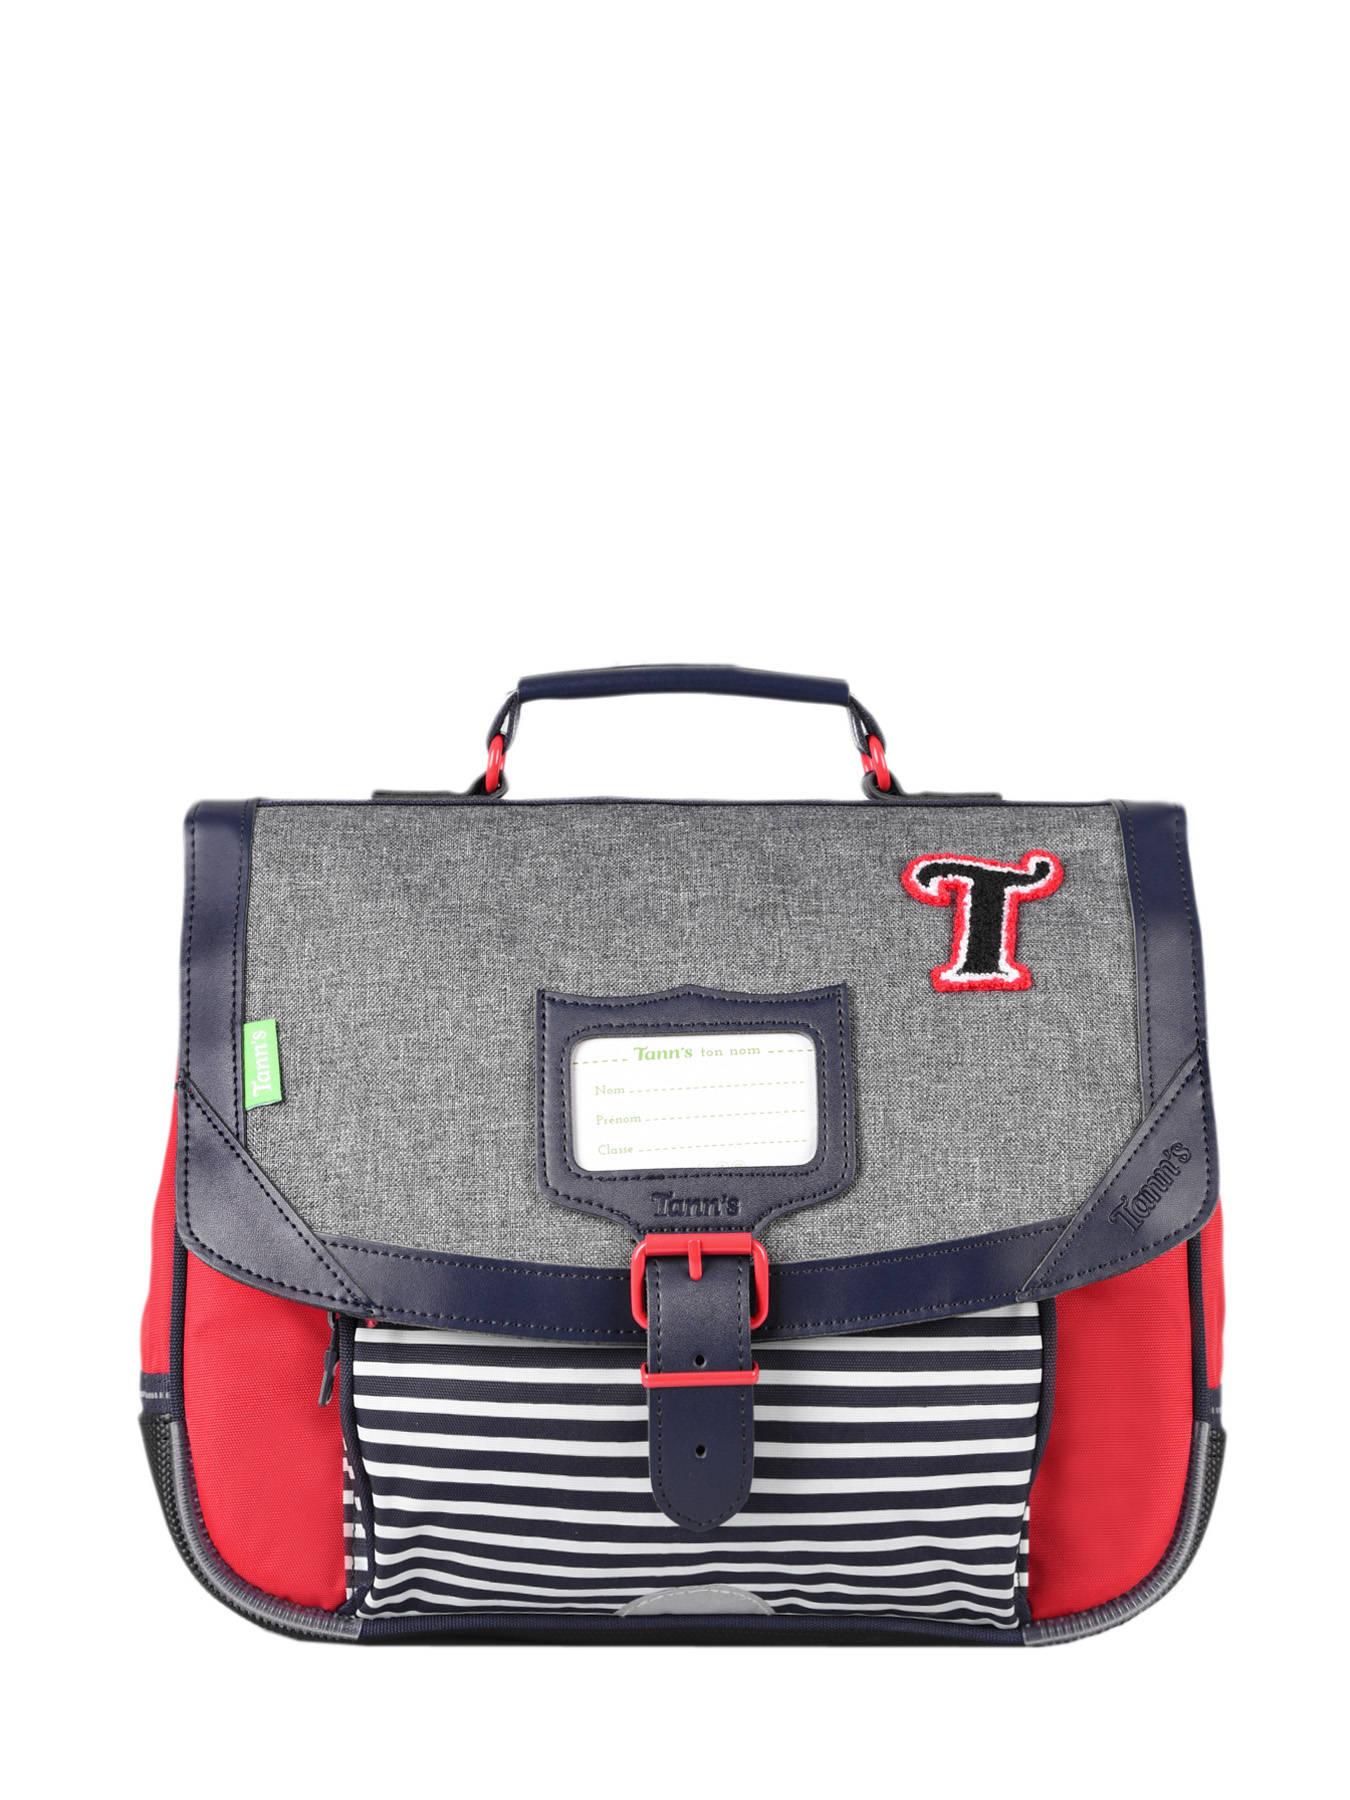 TANN'S Cartable 1 Compartiment Tann's Multicolore